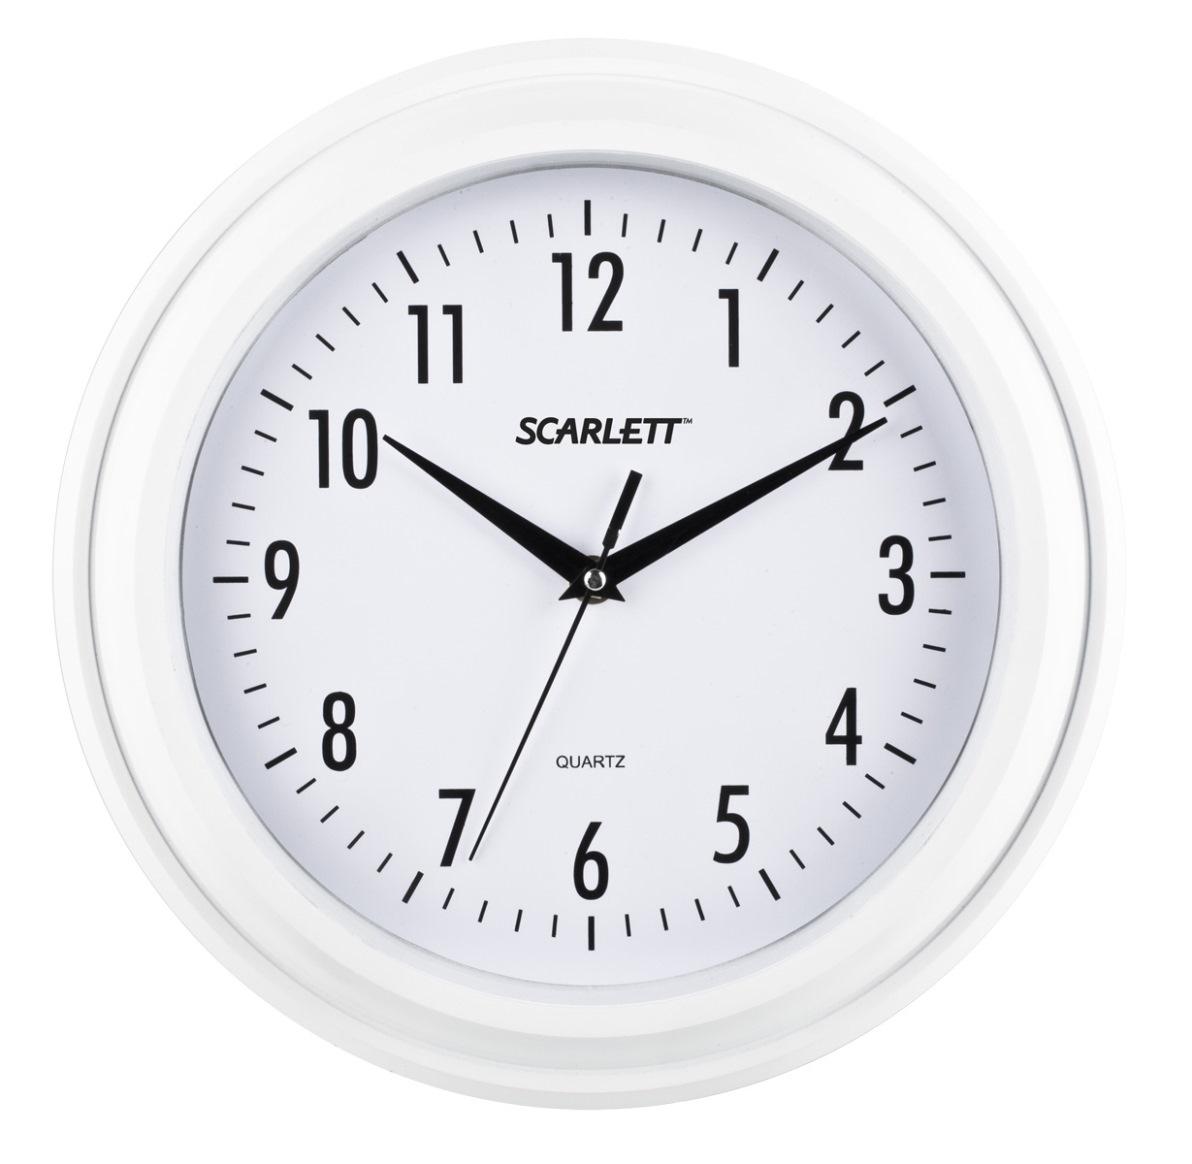 Часы настенные Scarlett, цвет: белый, диаметр 30,5 смSC - 55QGНастенные кварцевые часы Scarlett в классическом дизайне, изготовленные из пластика, прекрасно впишутся в интерьер вашего дома. Круглые часы имеют три стрелки: часовую, минутную и секундную, циферблат защищен прозрачным пластиком. Часы работают от 1 батарейки типа АА напряжением 1,5 В (батарейка в комплект не входит). Диаметр часов: 30,5 см.